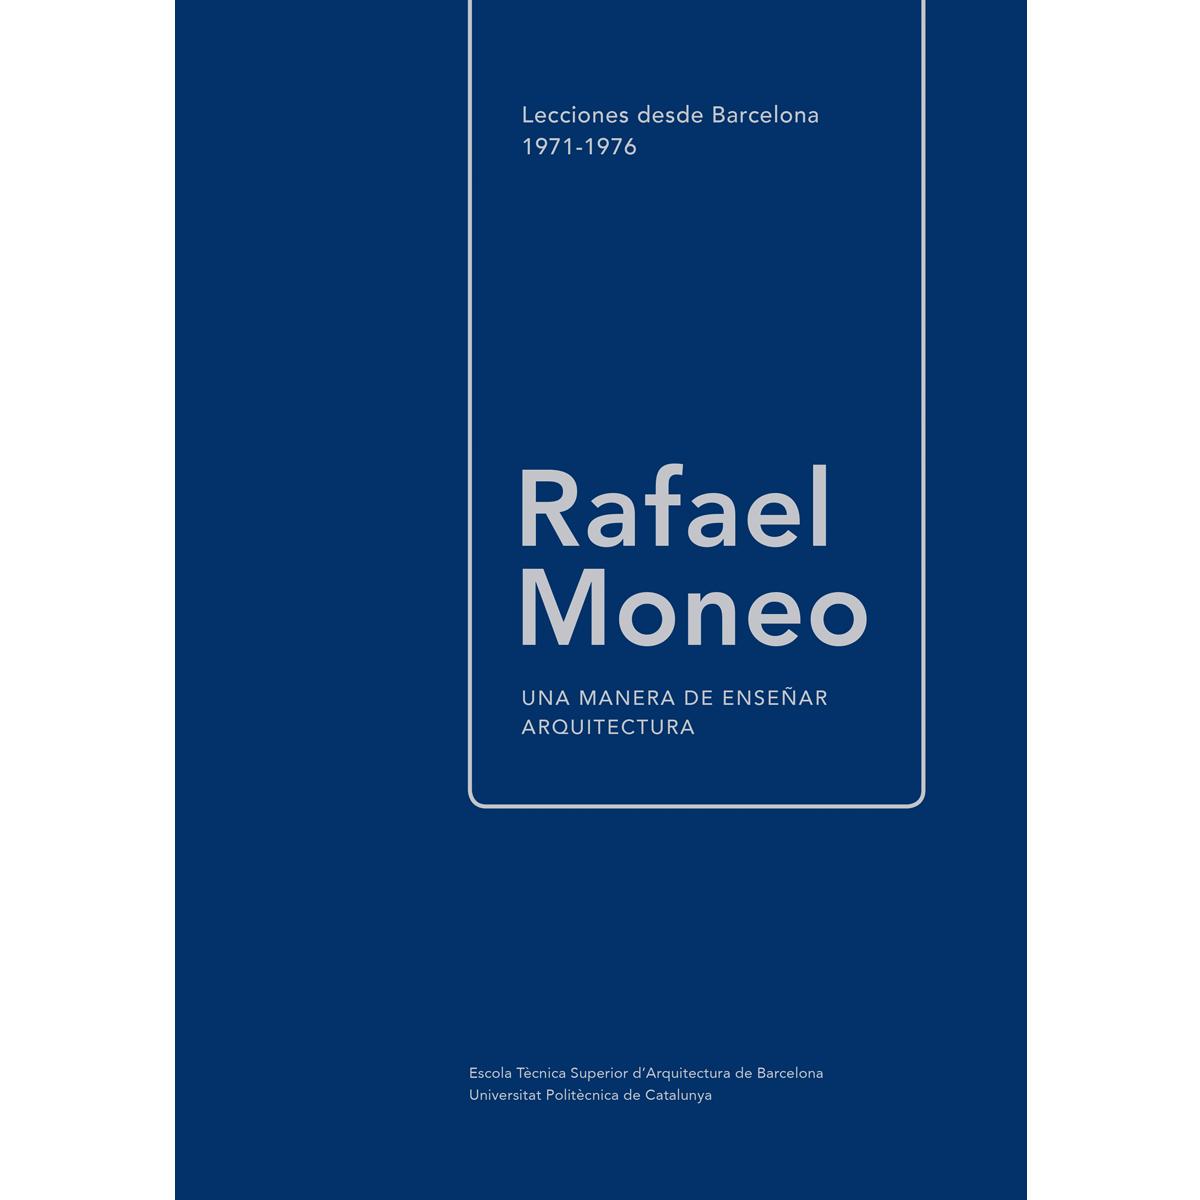 Rafael Moneo: una manera de enseñar arquitectura